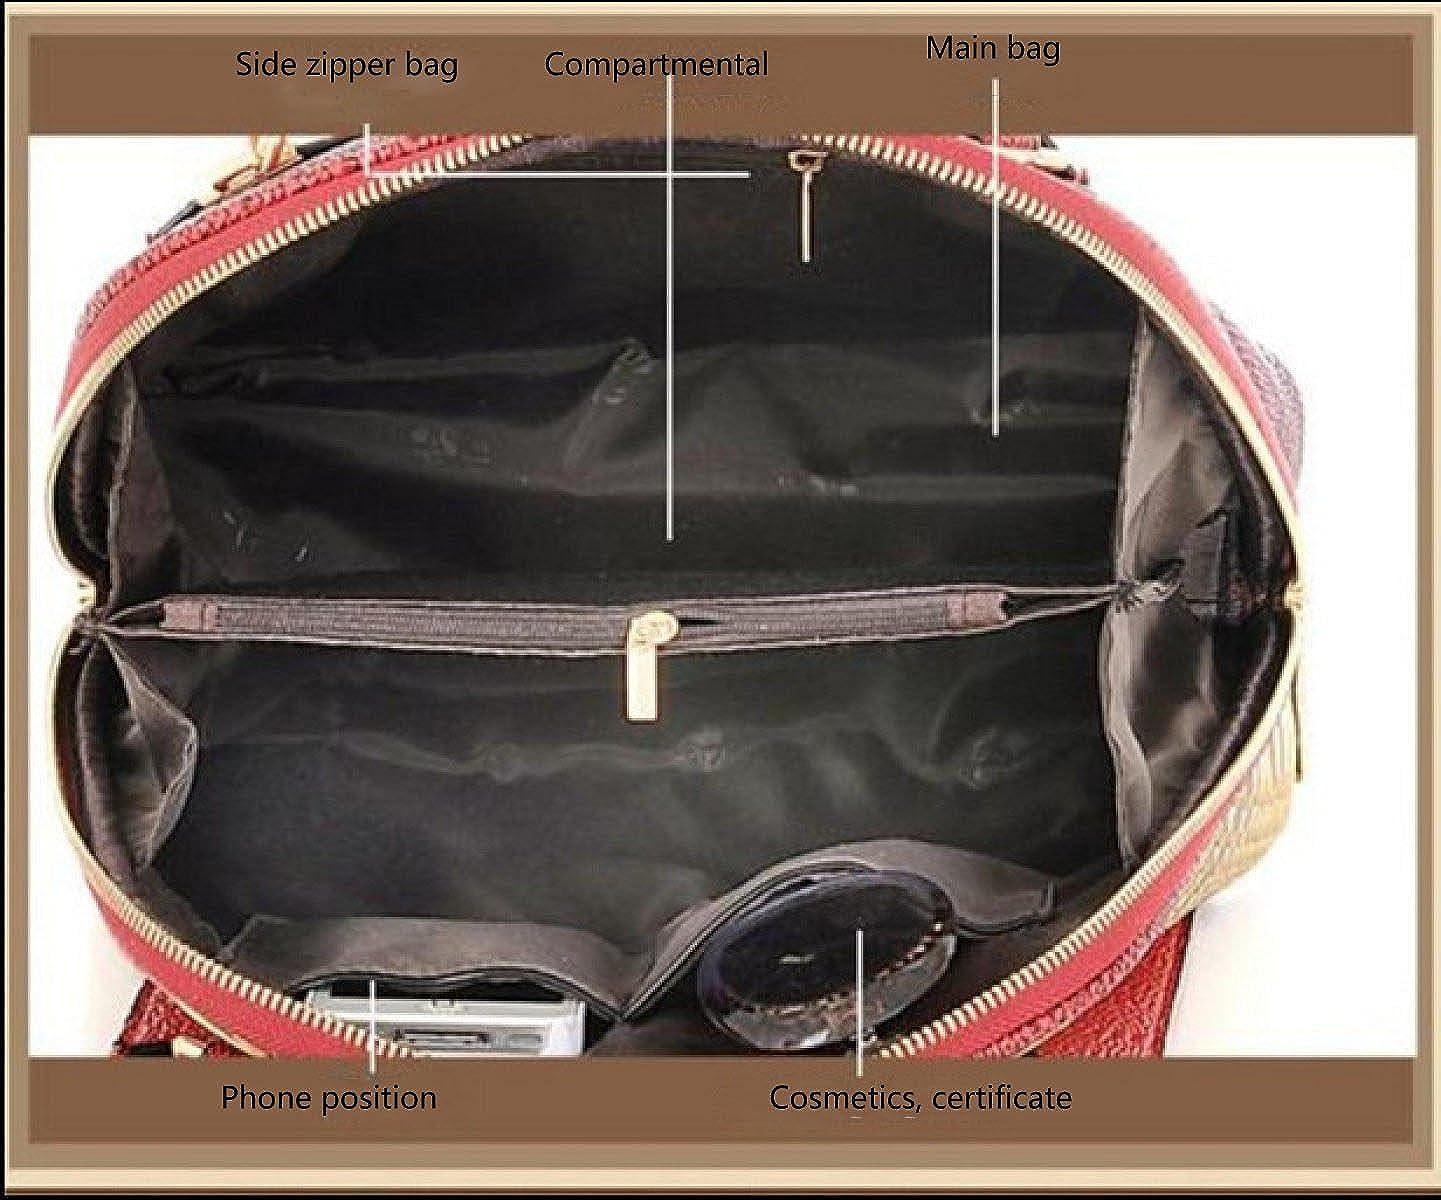 Neues Neues Neues Europa Und Die Vereinigten Staaten Große Temperament Serpentine Fashion Portable Diagonal Weiblichen Beutel B07BJLR19R Henkeltaschen Reparieren a943fb